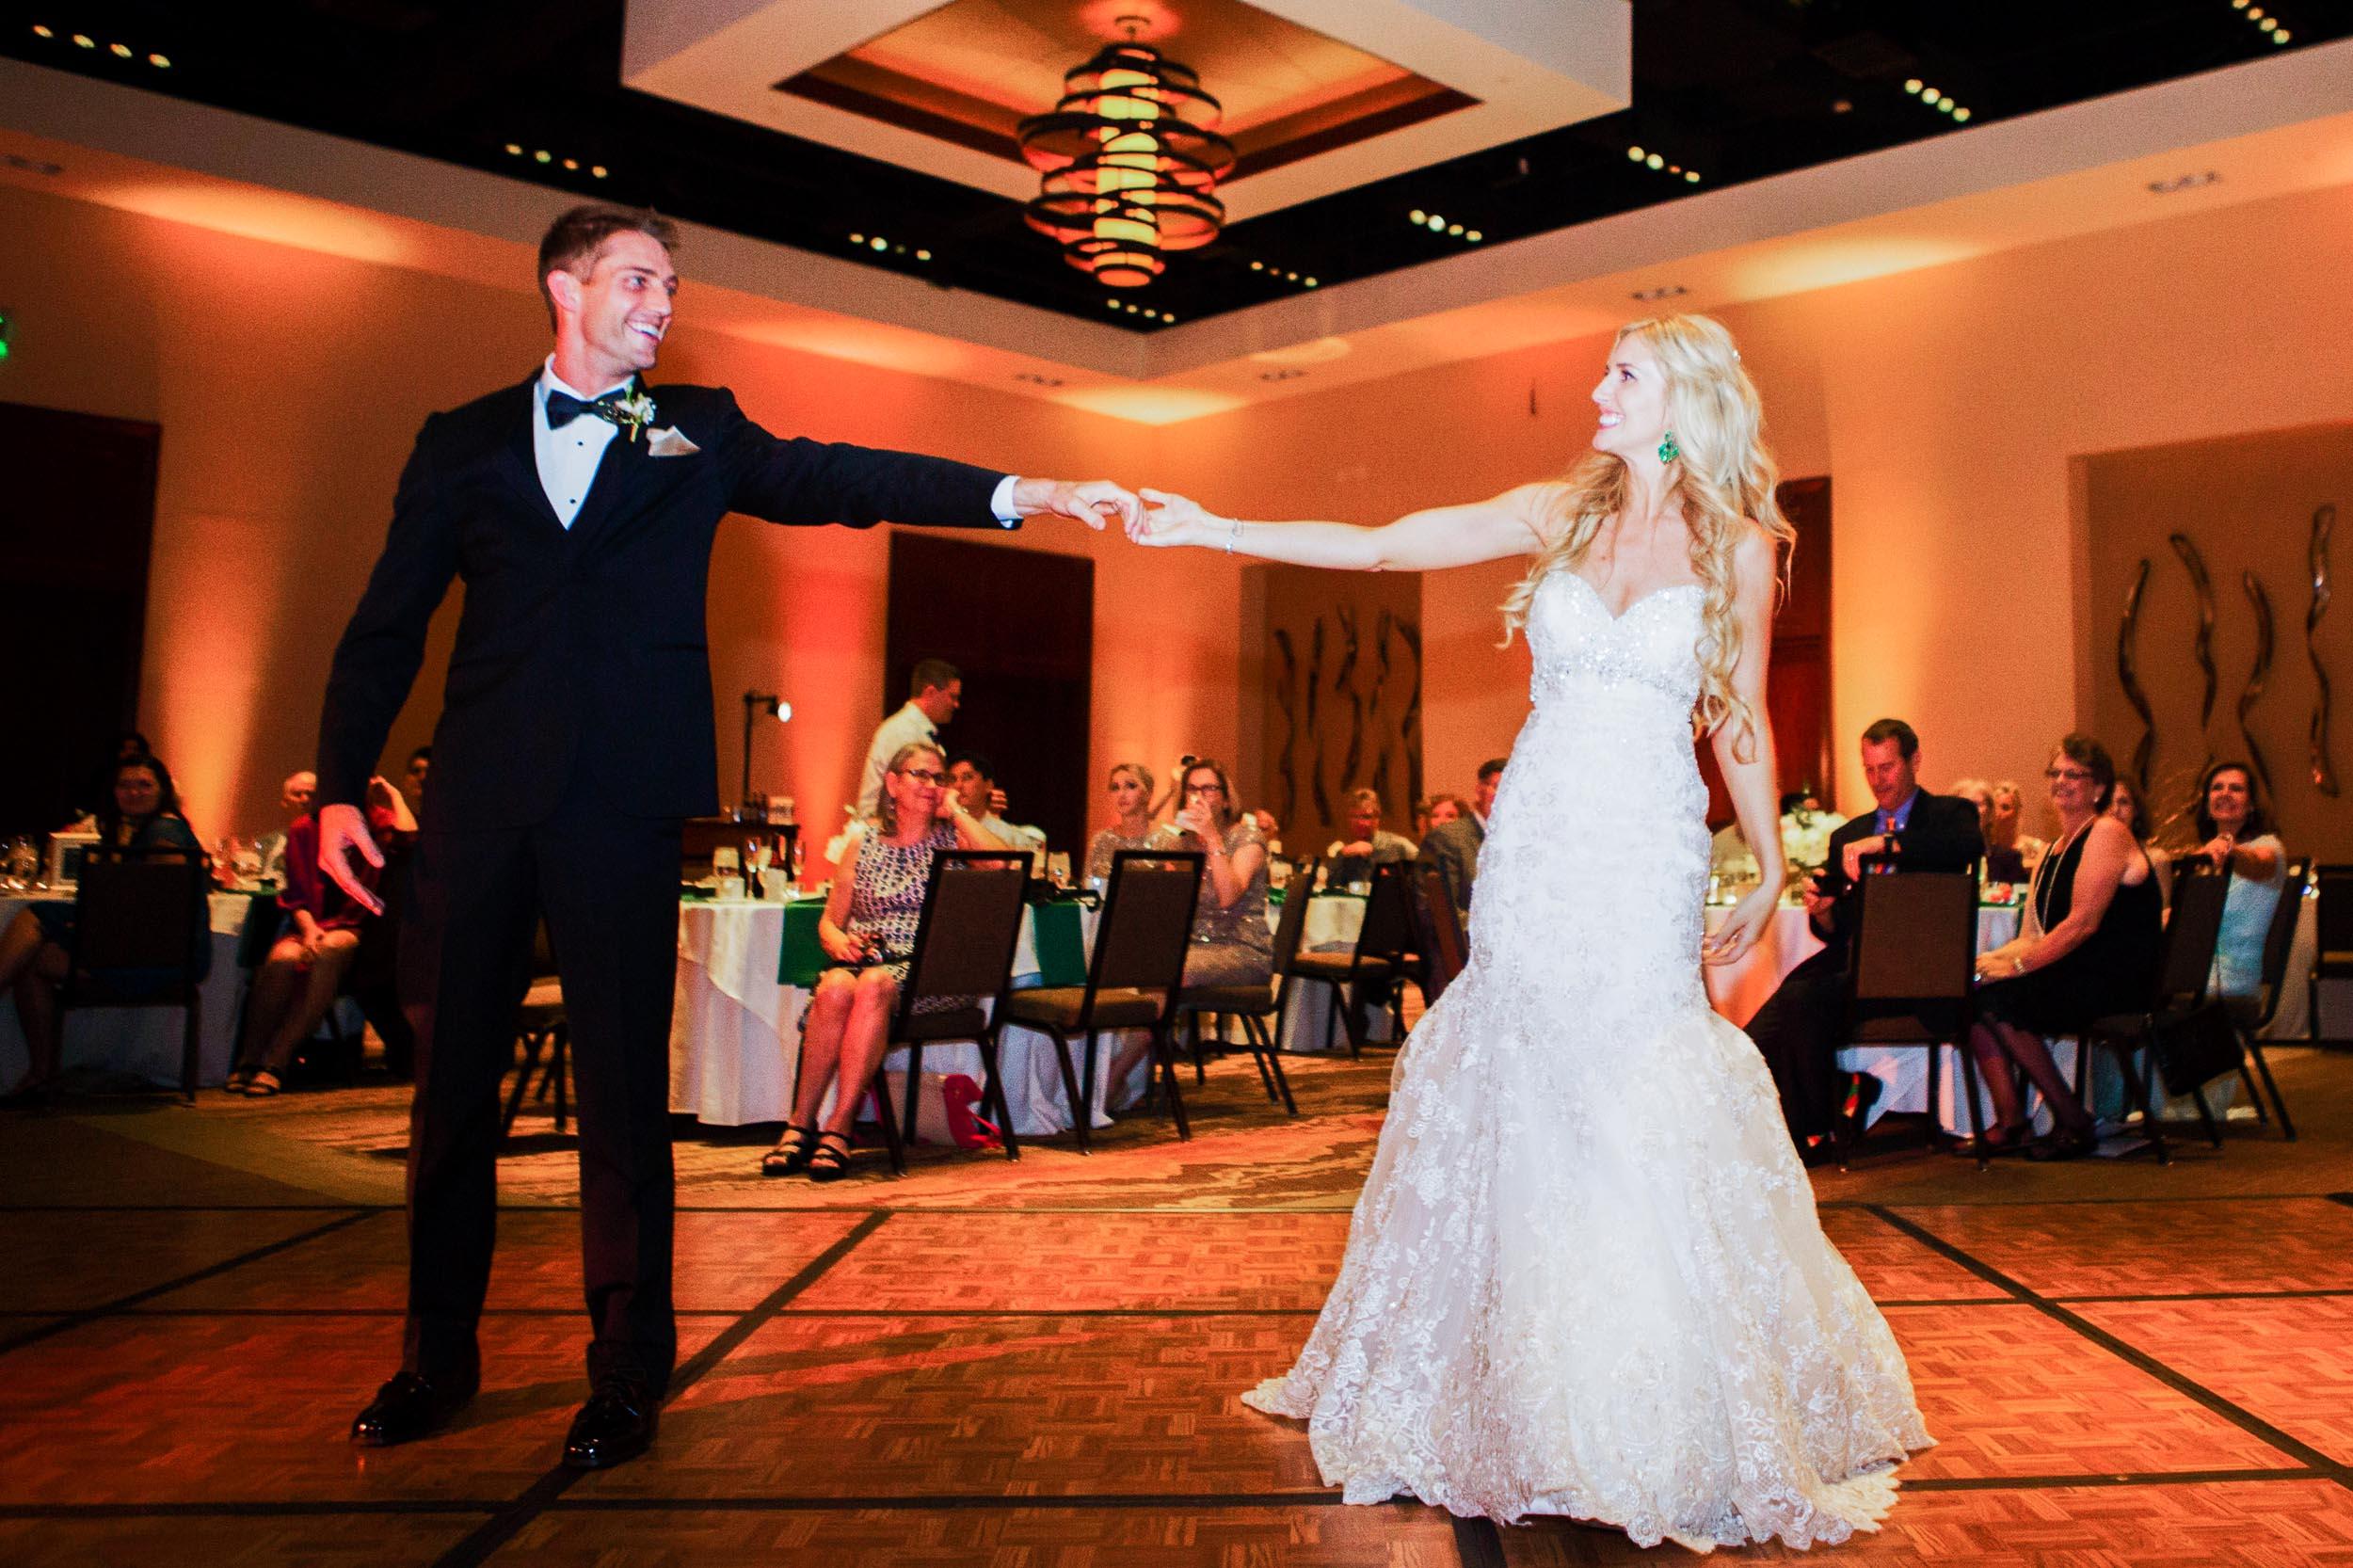 weddings-scottsdale-29.jpg